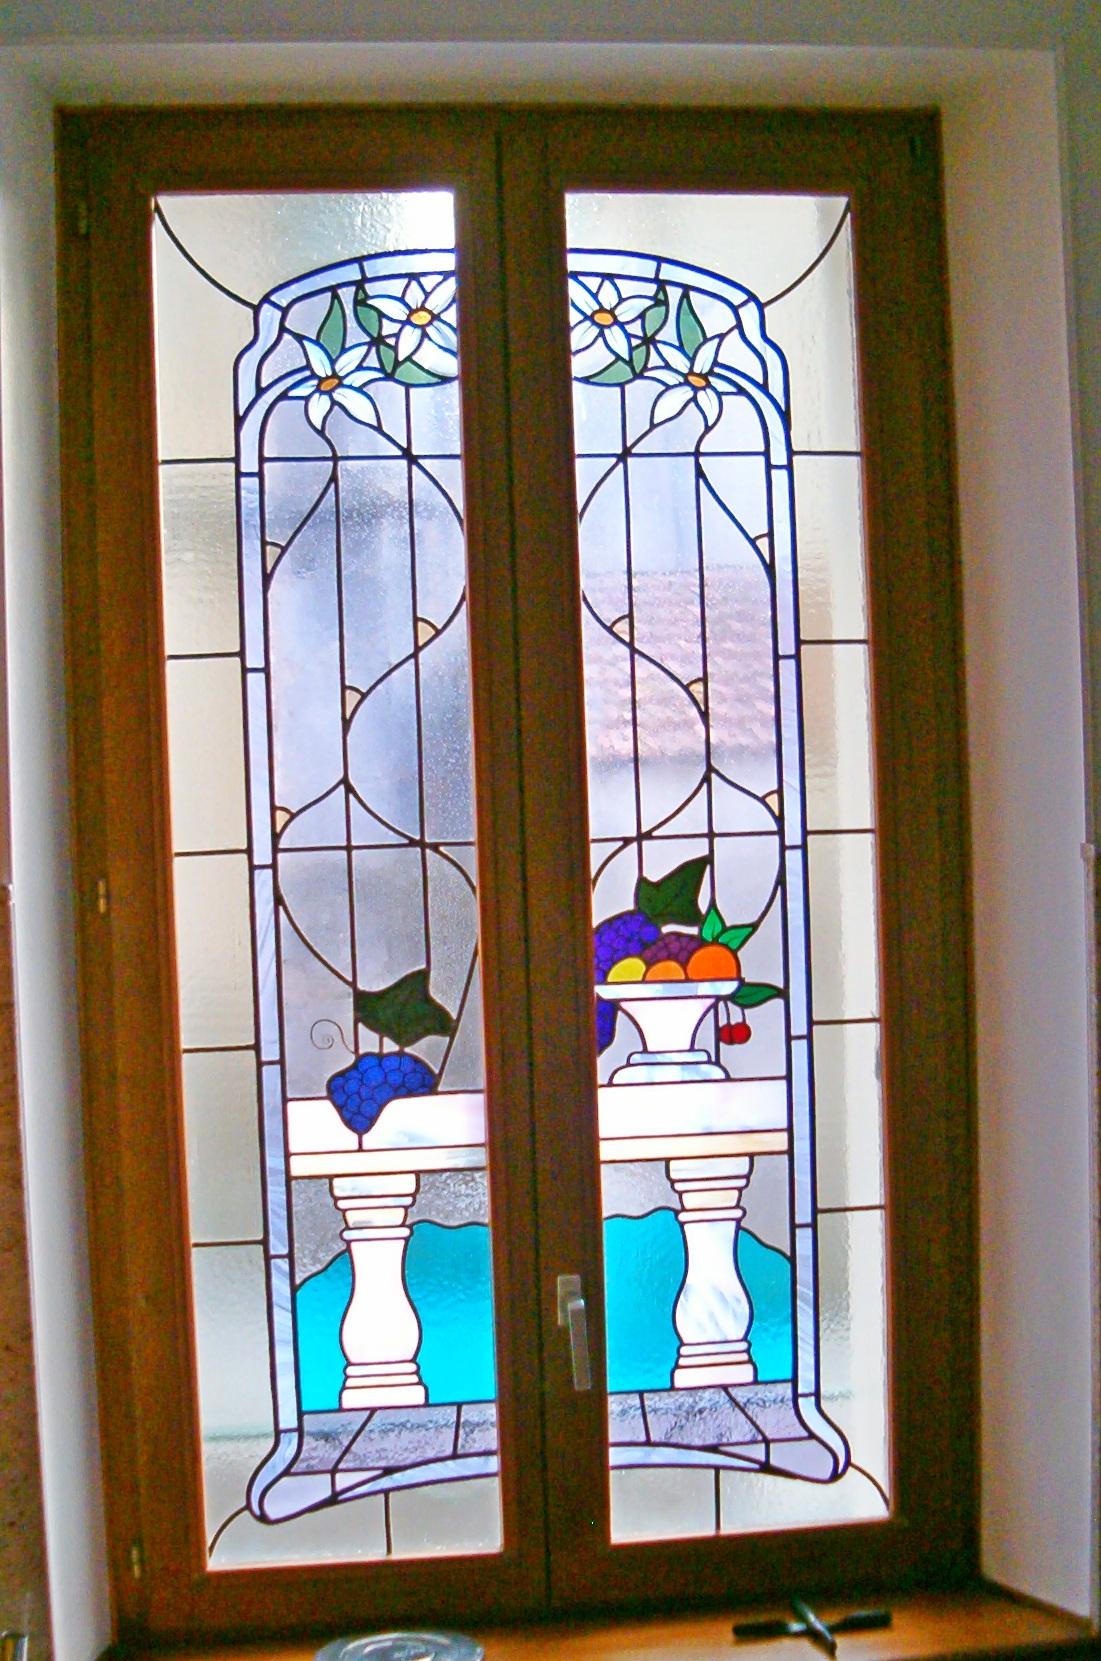 Cr ation d 39 un vitrail sur une fen tre groupe salmon for Decoration fenetre vitrail